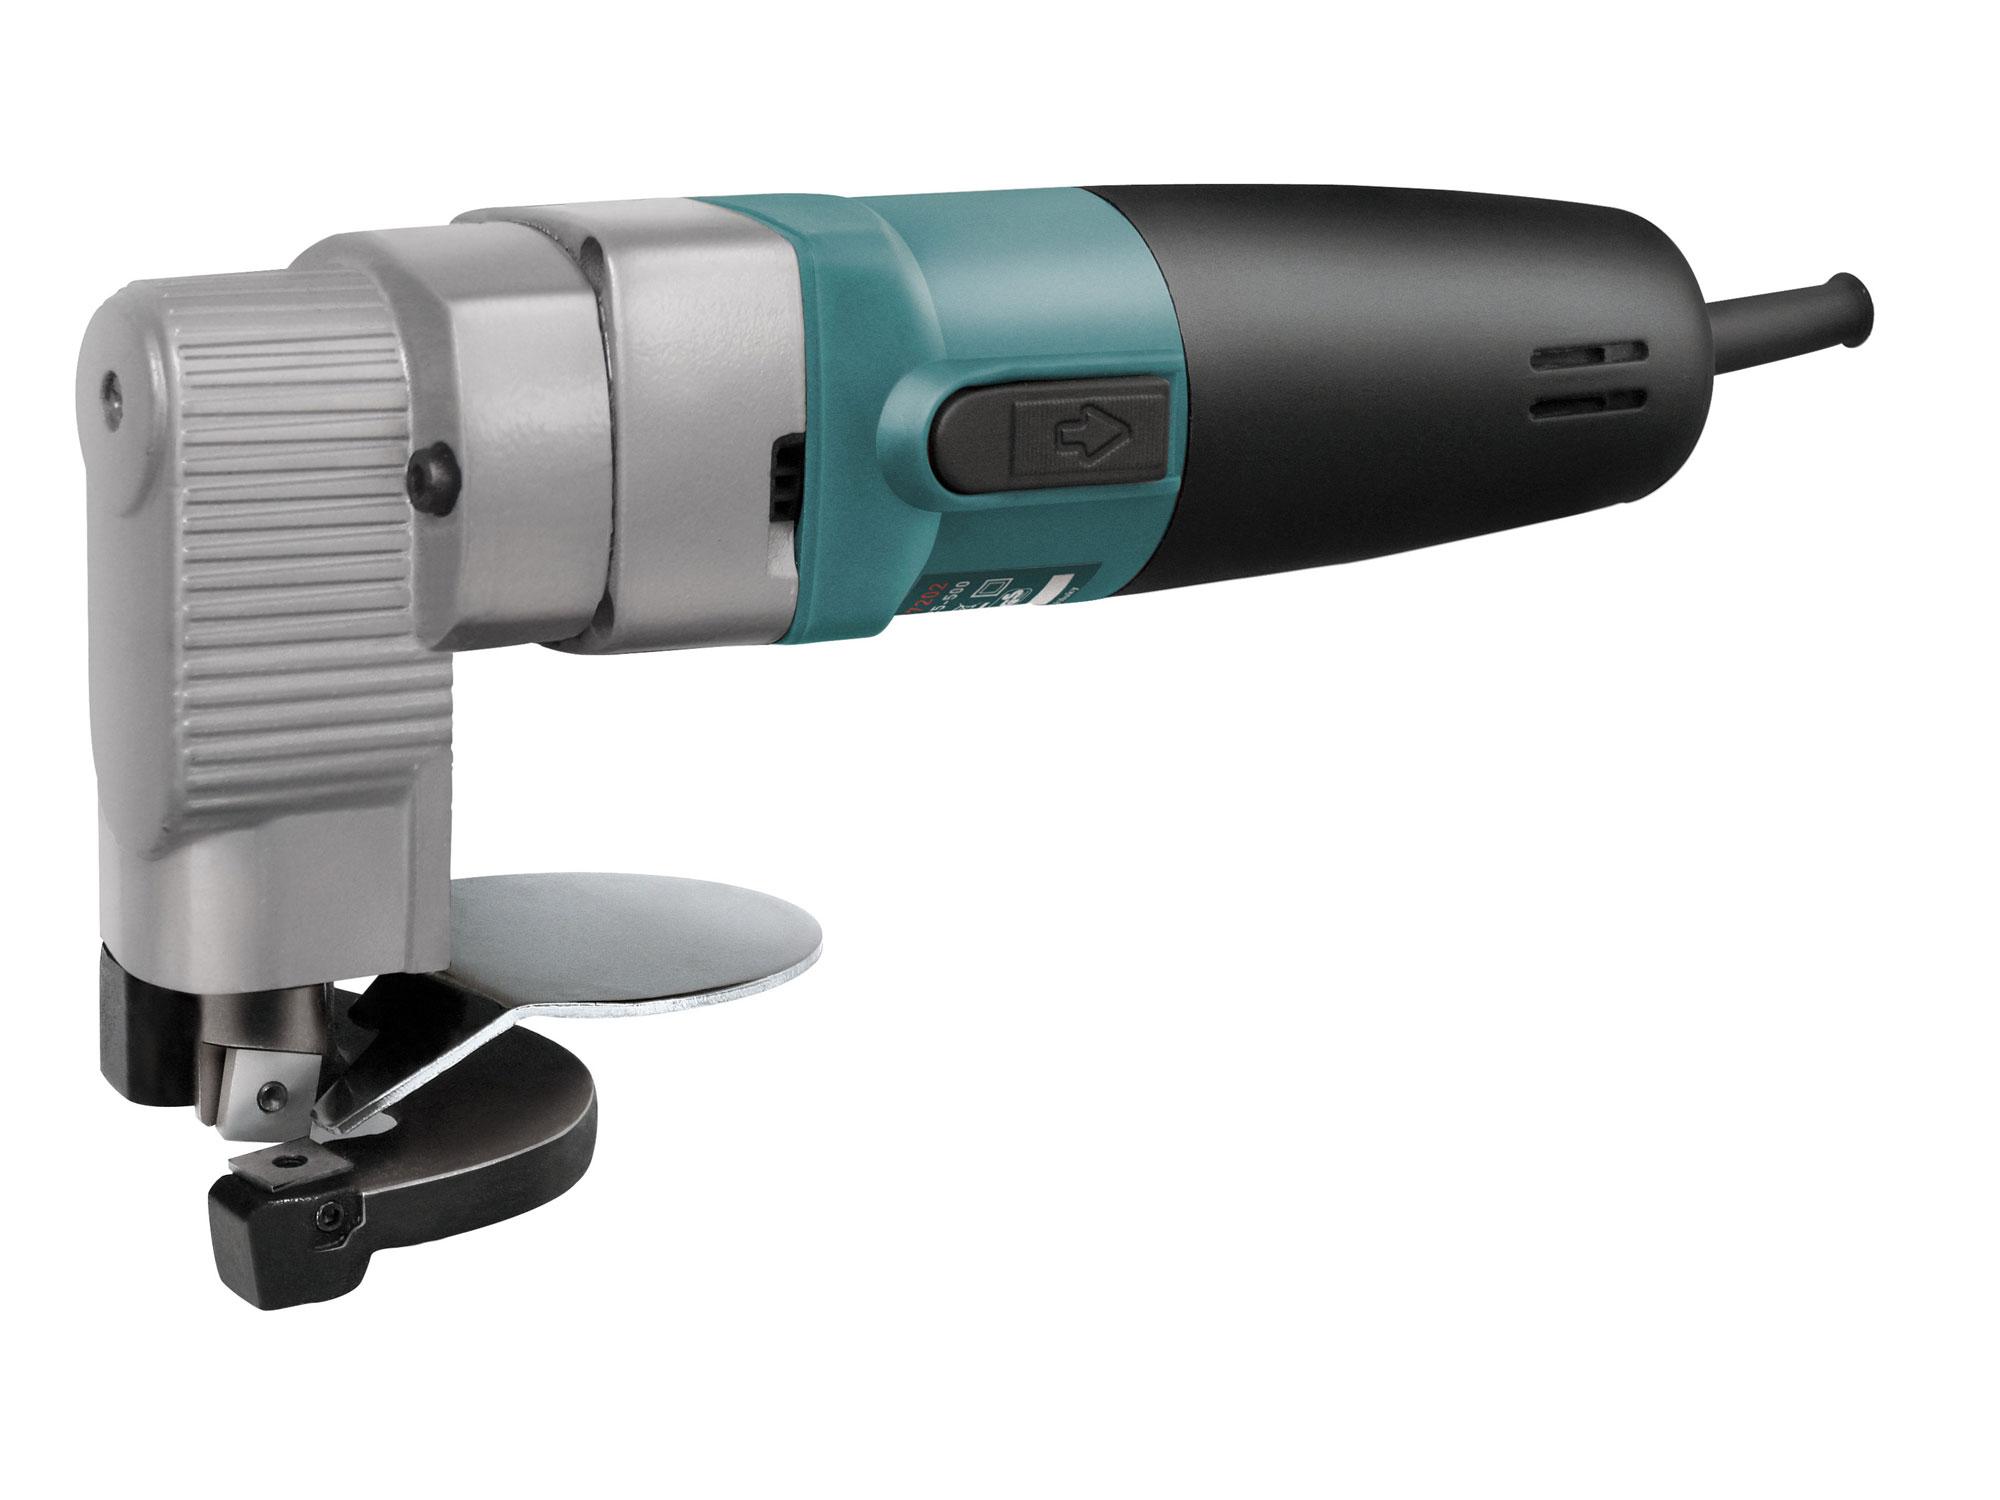 Nůžky na plech elektrické, 500W IES 25-500 EXTOL INDUSTRIAL 8797202